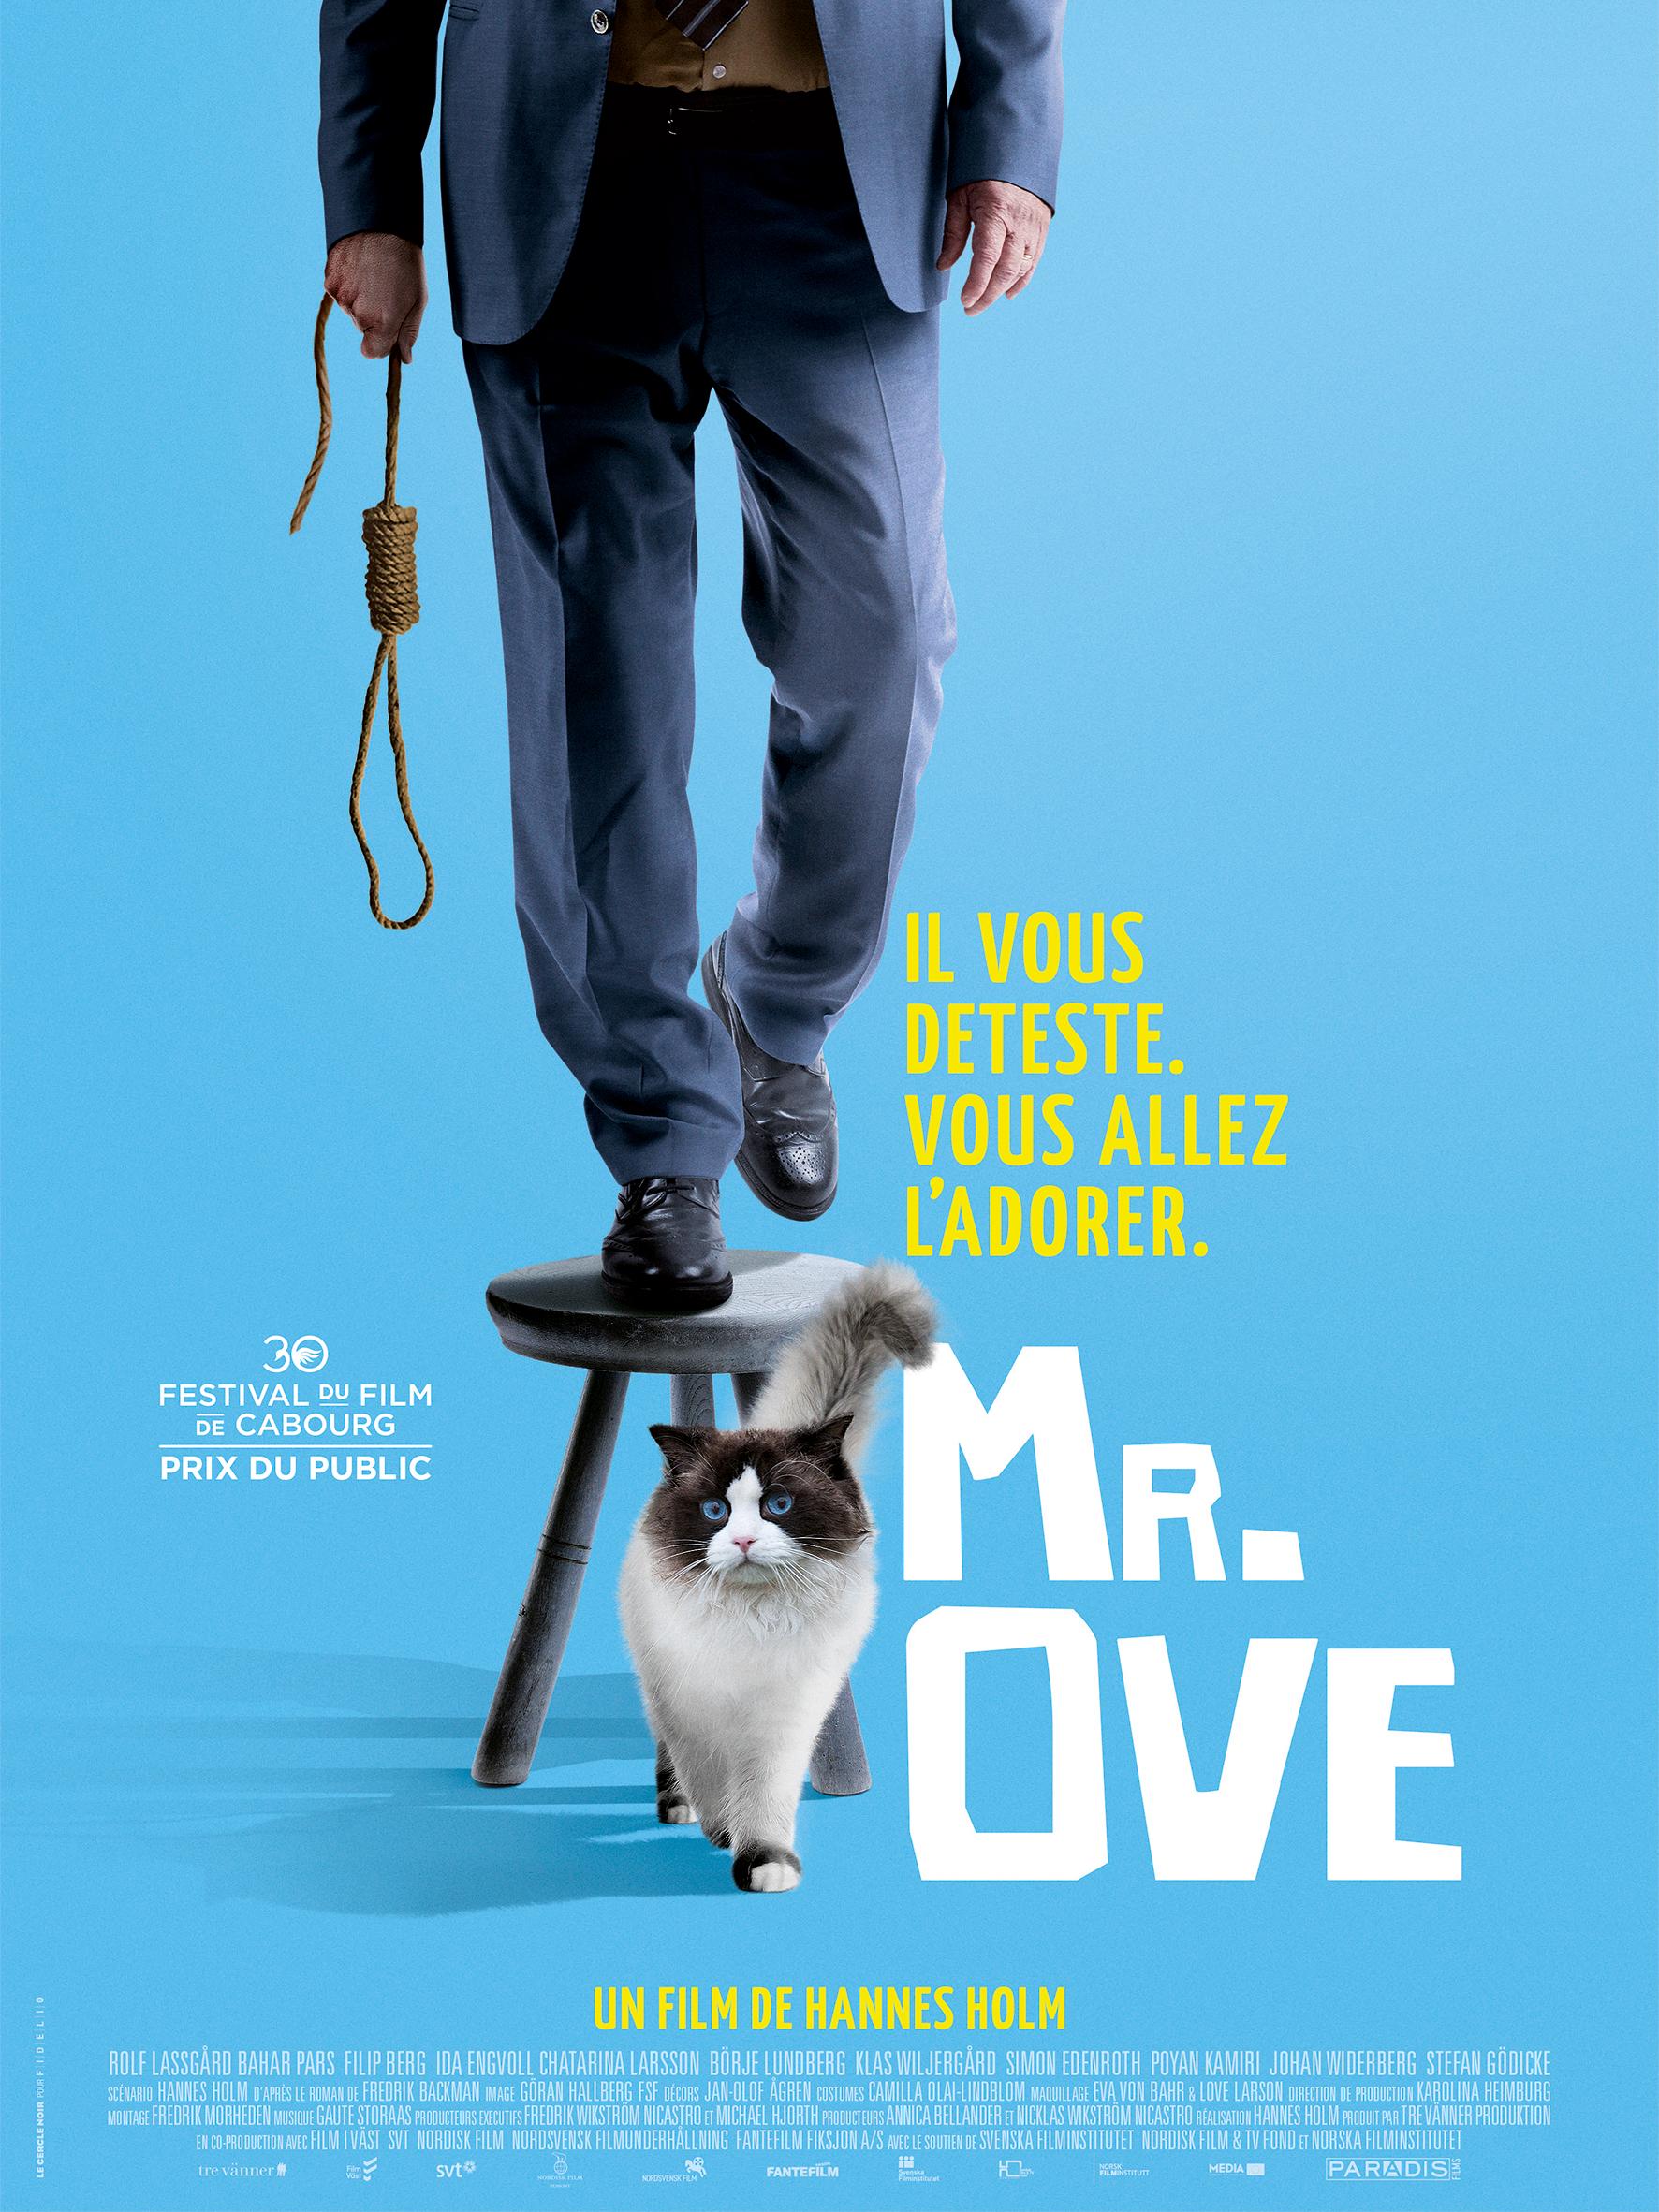 Mr. Ove | Holm, Hannes (Réalisateur)